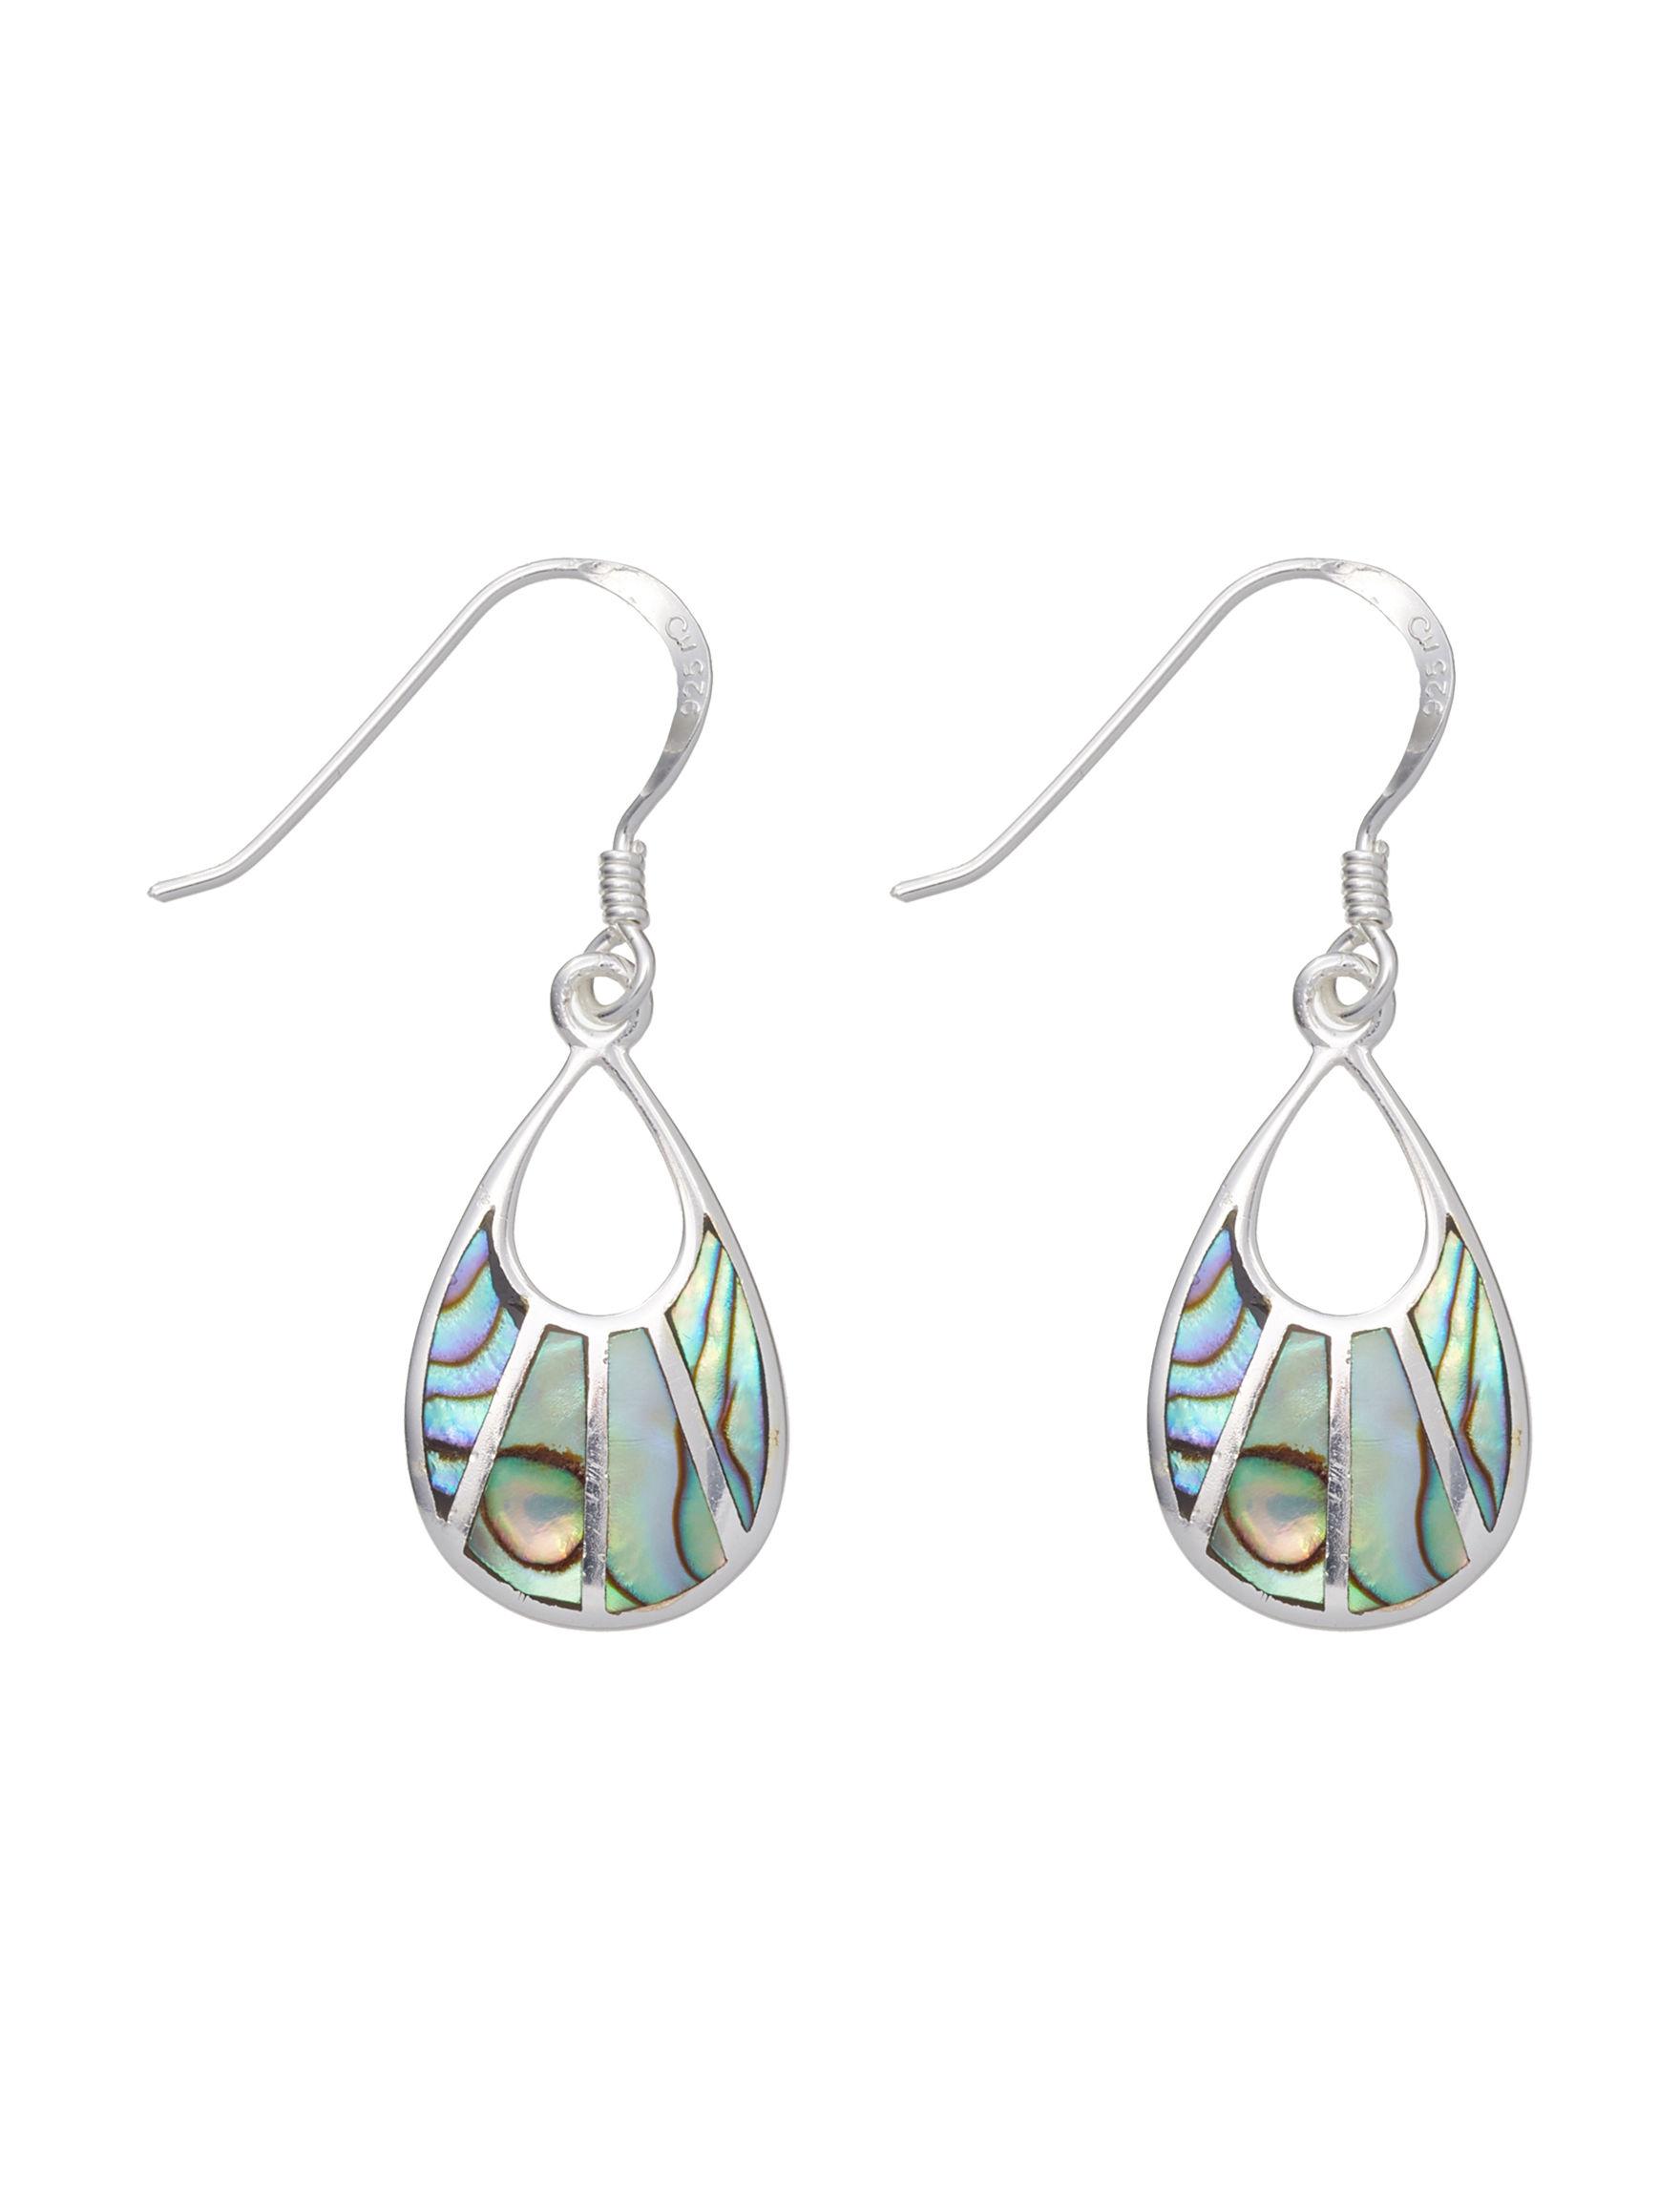 Marsala Green / Silver Drops Earrings Fine Jewelry